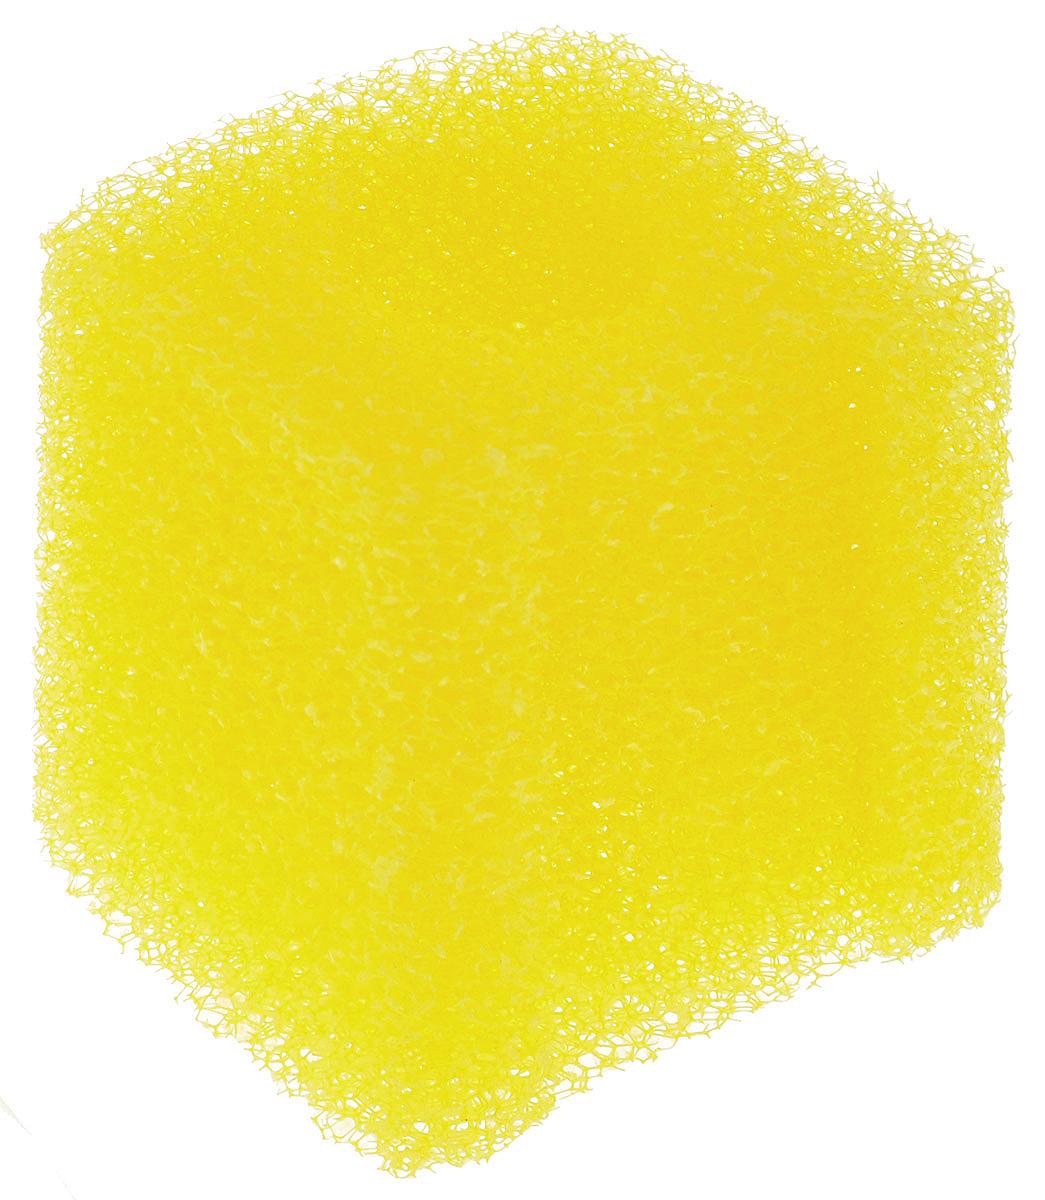 Губка Barbus для фильтра WP-1300 F, сменная, 6,5 х 5,5 х 7 смSponge 1300Губка Barbus предназначена для фильтра WP-1300 F и состоит из высокопористого материала для эффективной очистки воды в аквариуме. Губка для фильтра является основным сменным элементом, влияющем на обеспечение нормальных условий для жизни рыб.Губка отлично подходит для размножения полезных бактерий, поэтому осуществляет как механическую, так и биологическую очистку.